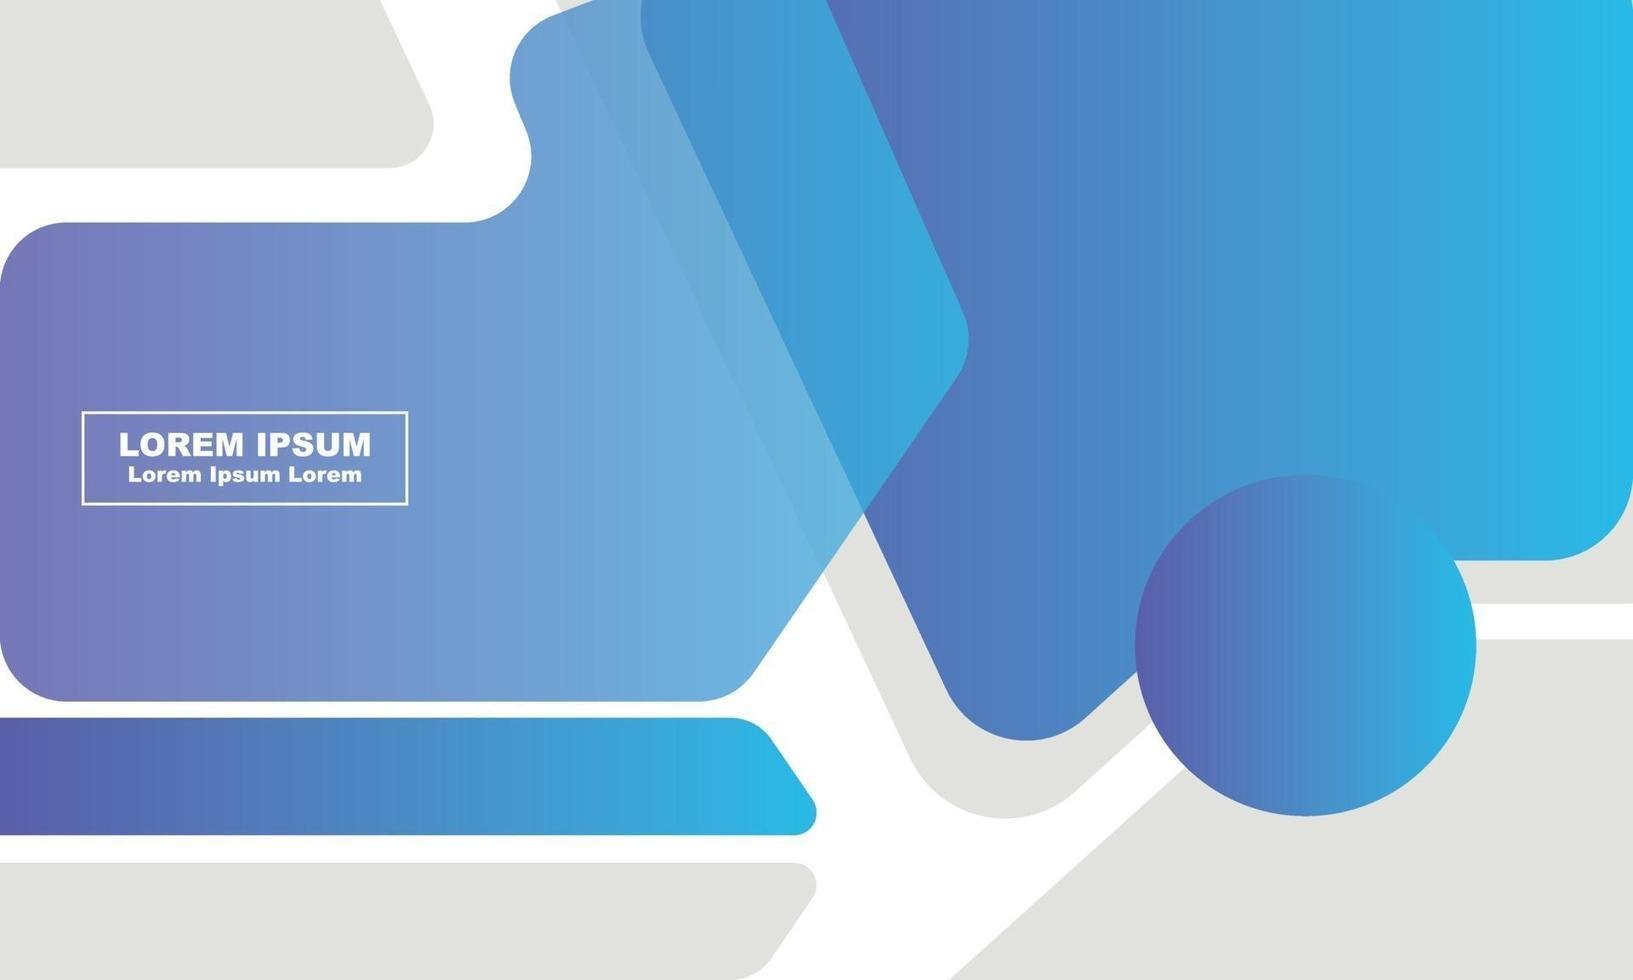 abstrakt bakgrund gradient blå sociala medier mall vektor